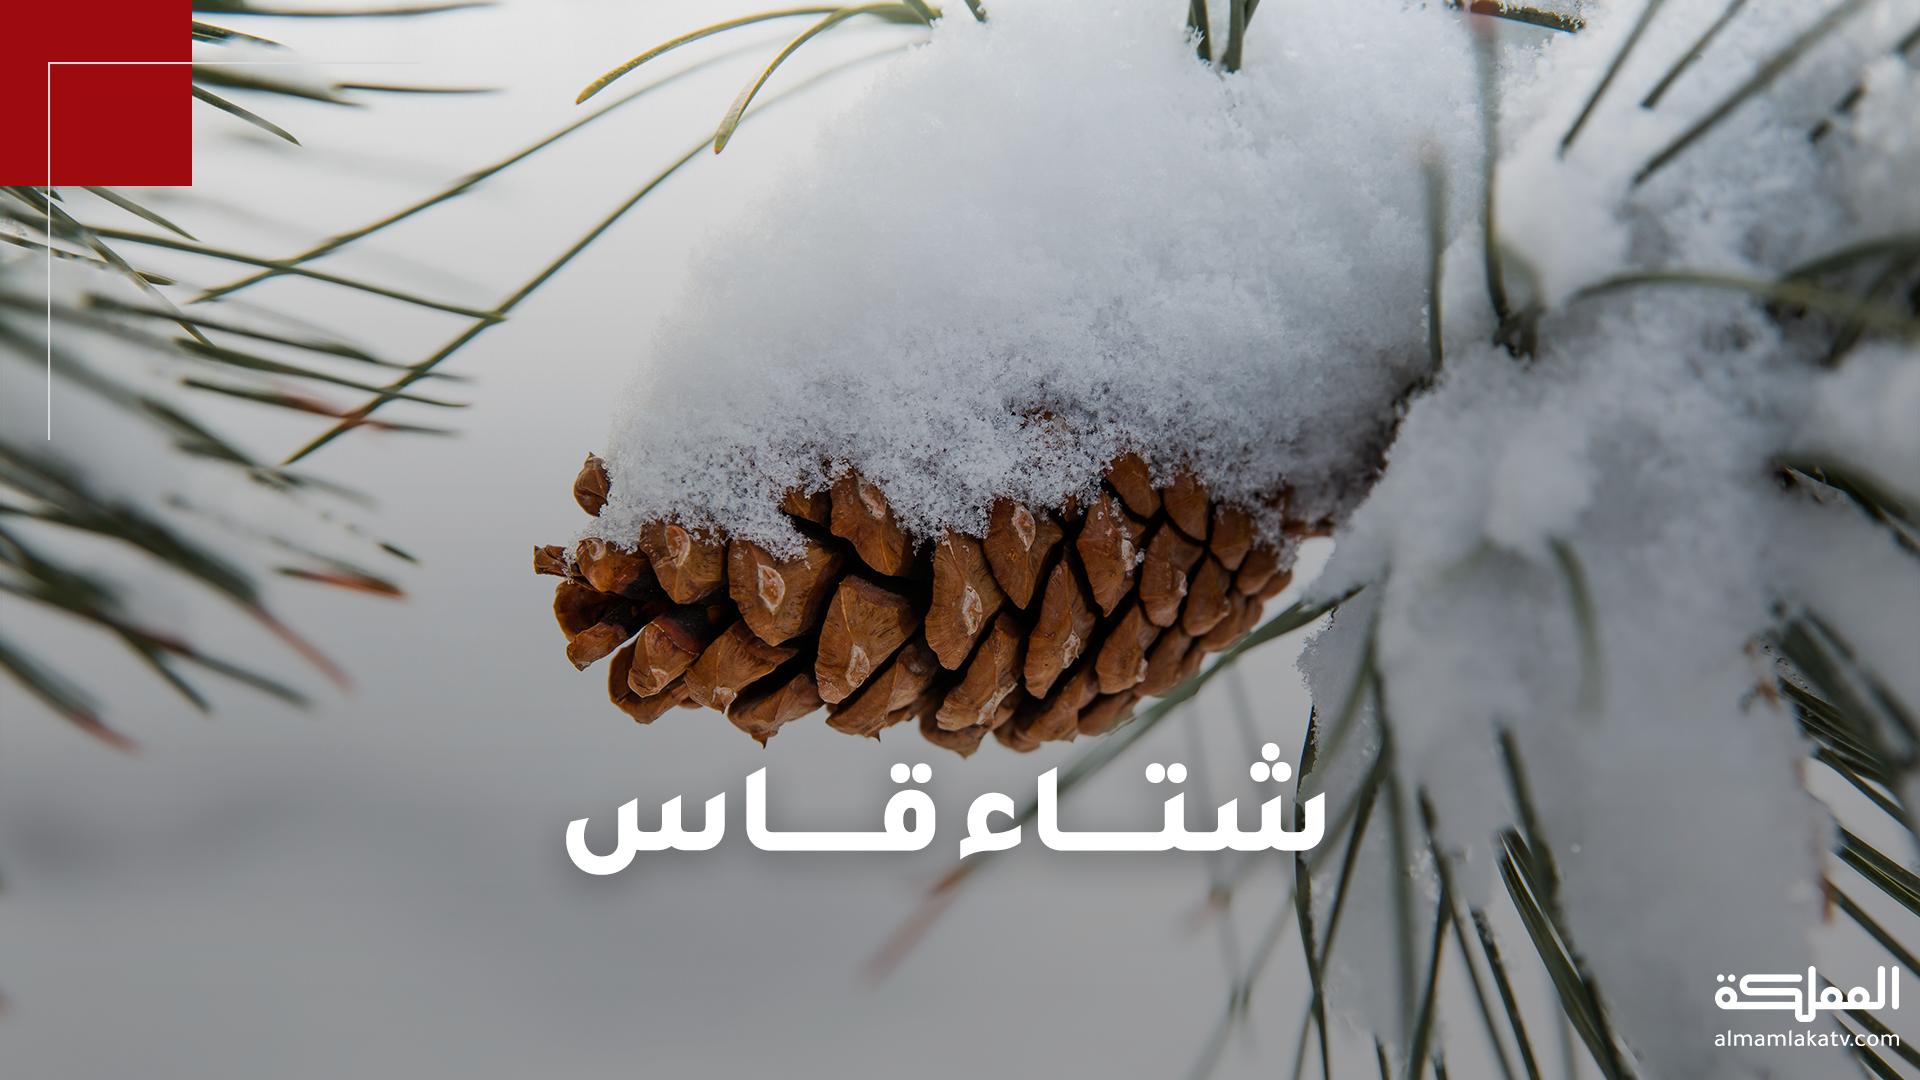 """الأردن بانتظار شتاء قاسٍ بحسب توقعات """"طقس العرب"""""""